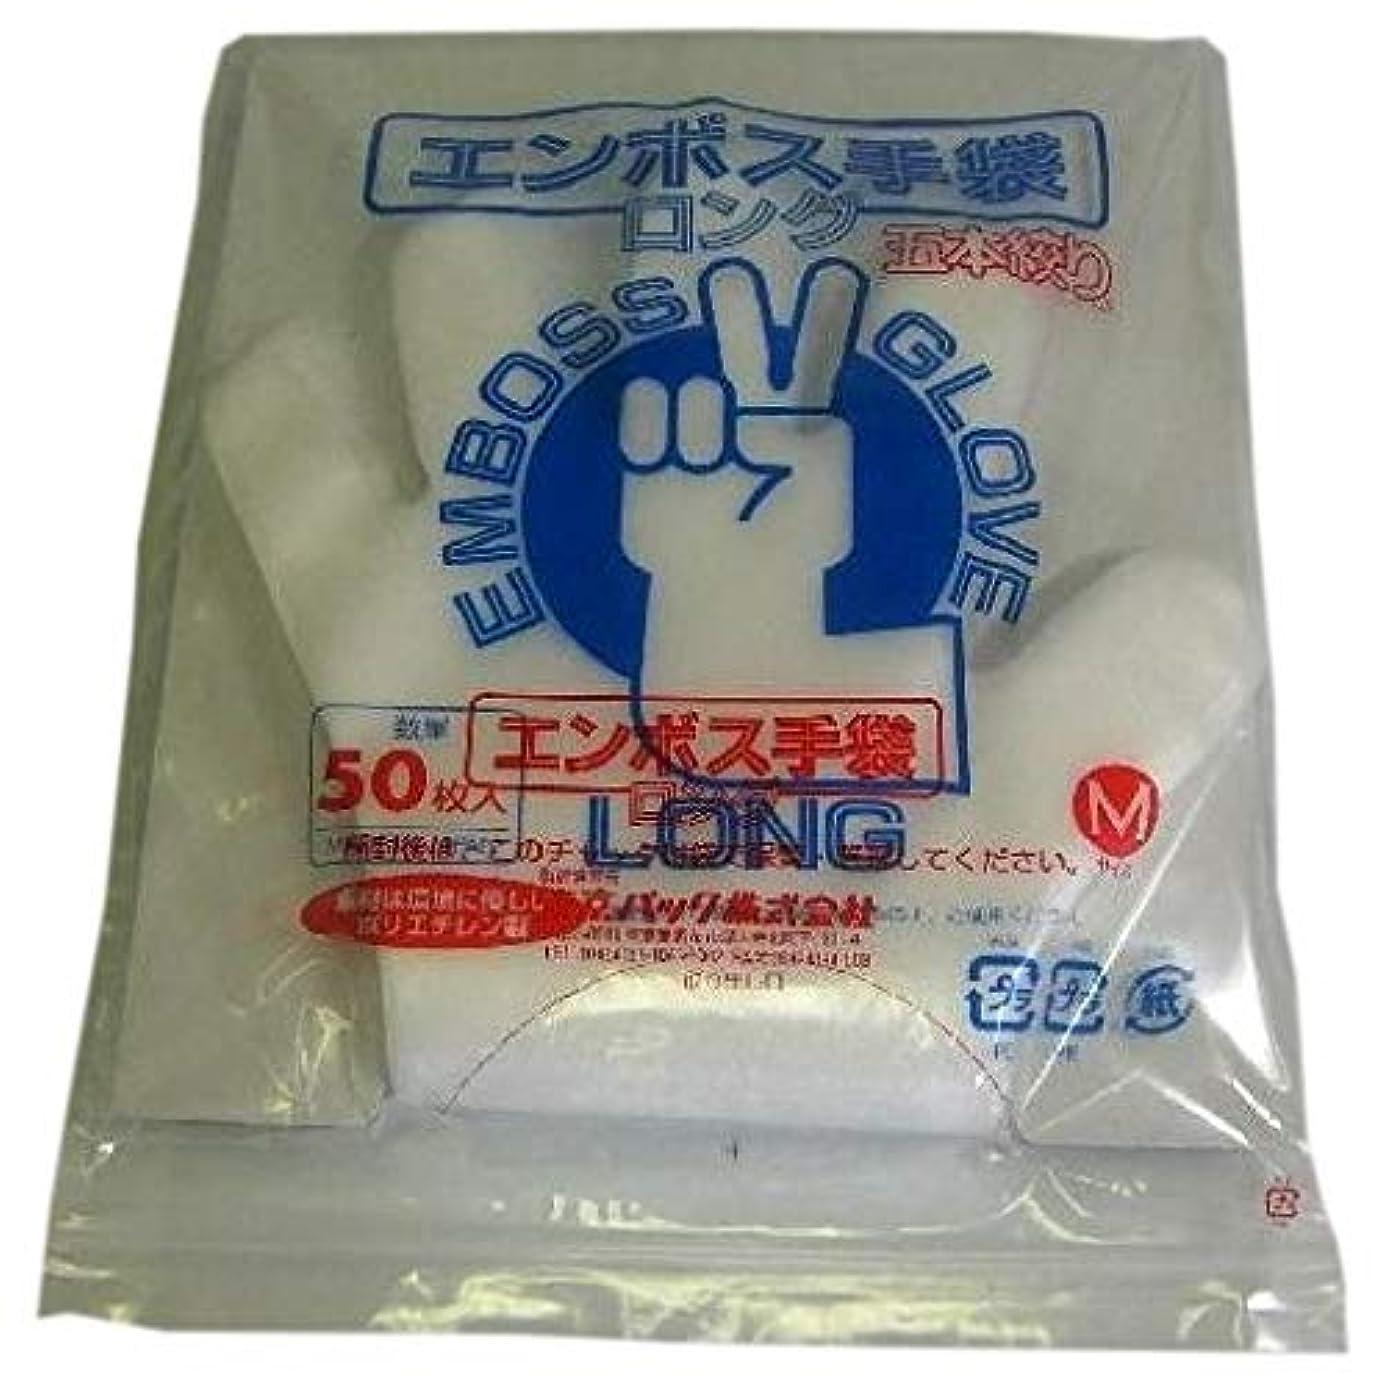 複雑裂け目豊富なエンボス手袋ロング 5本絞り ナチュラル M 50枚入x10袋入り